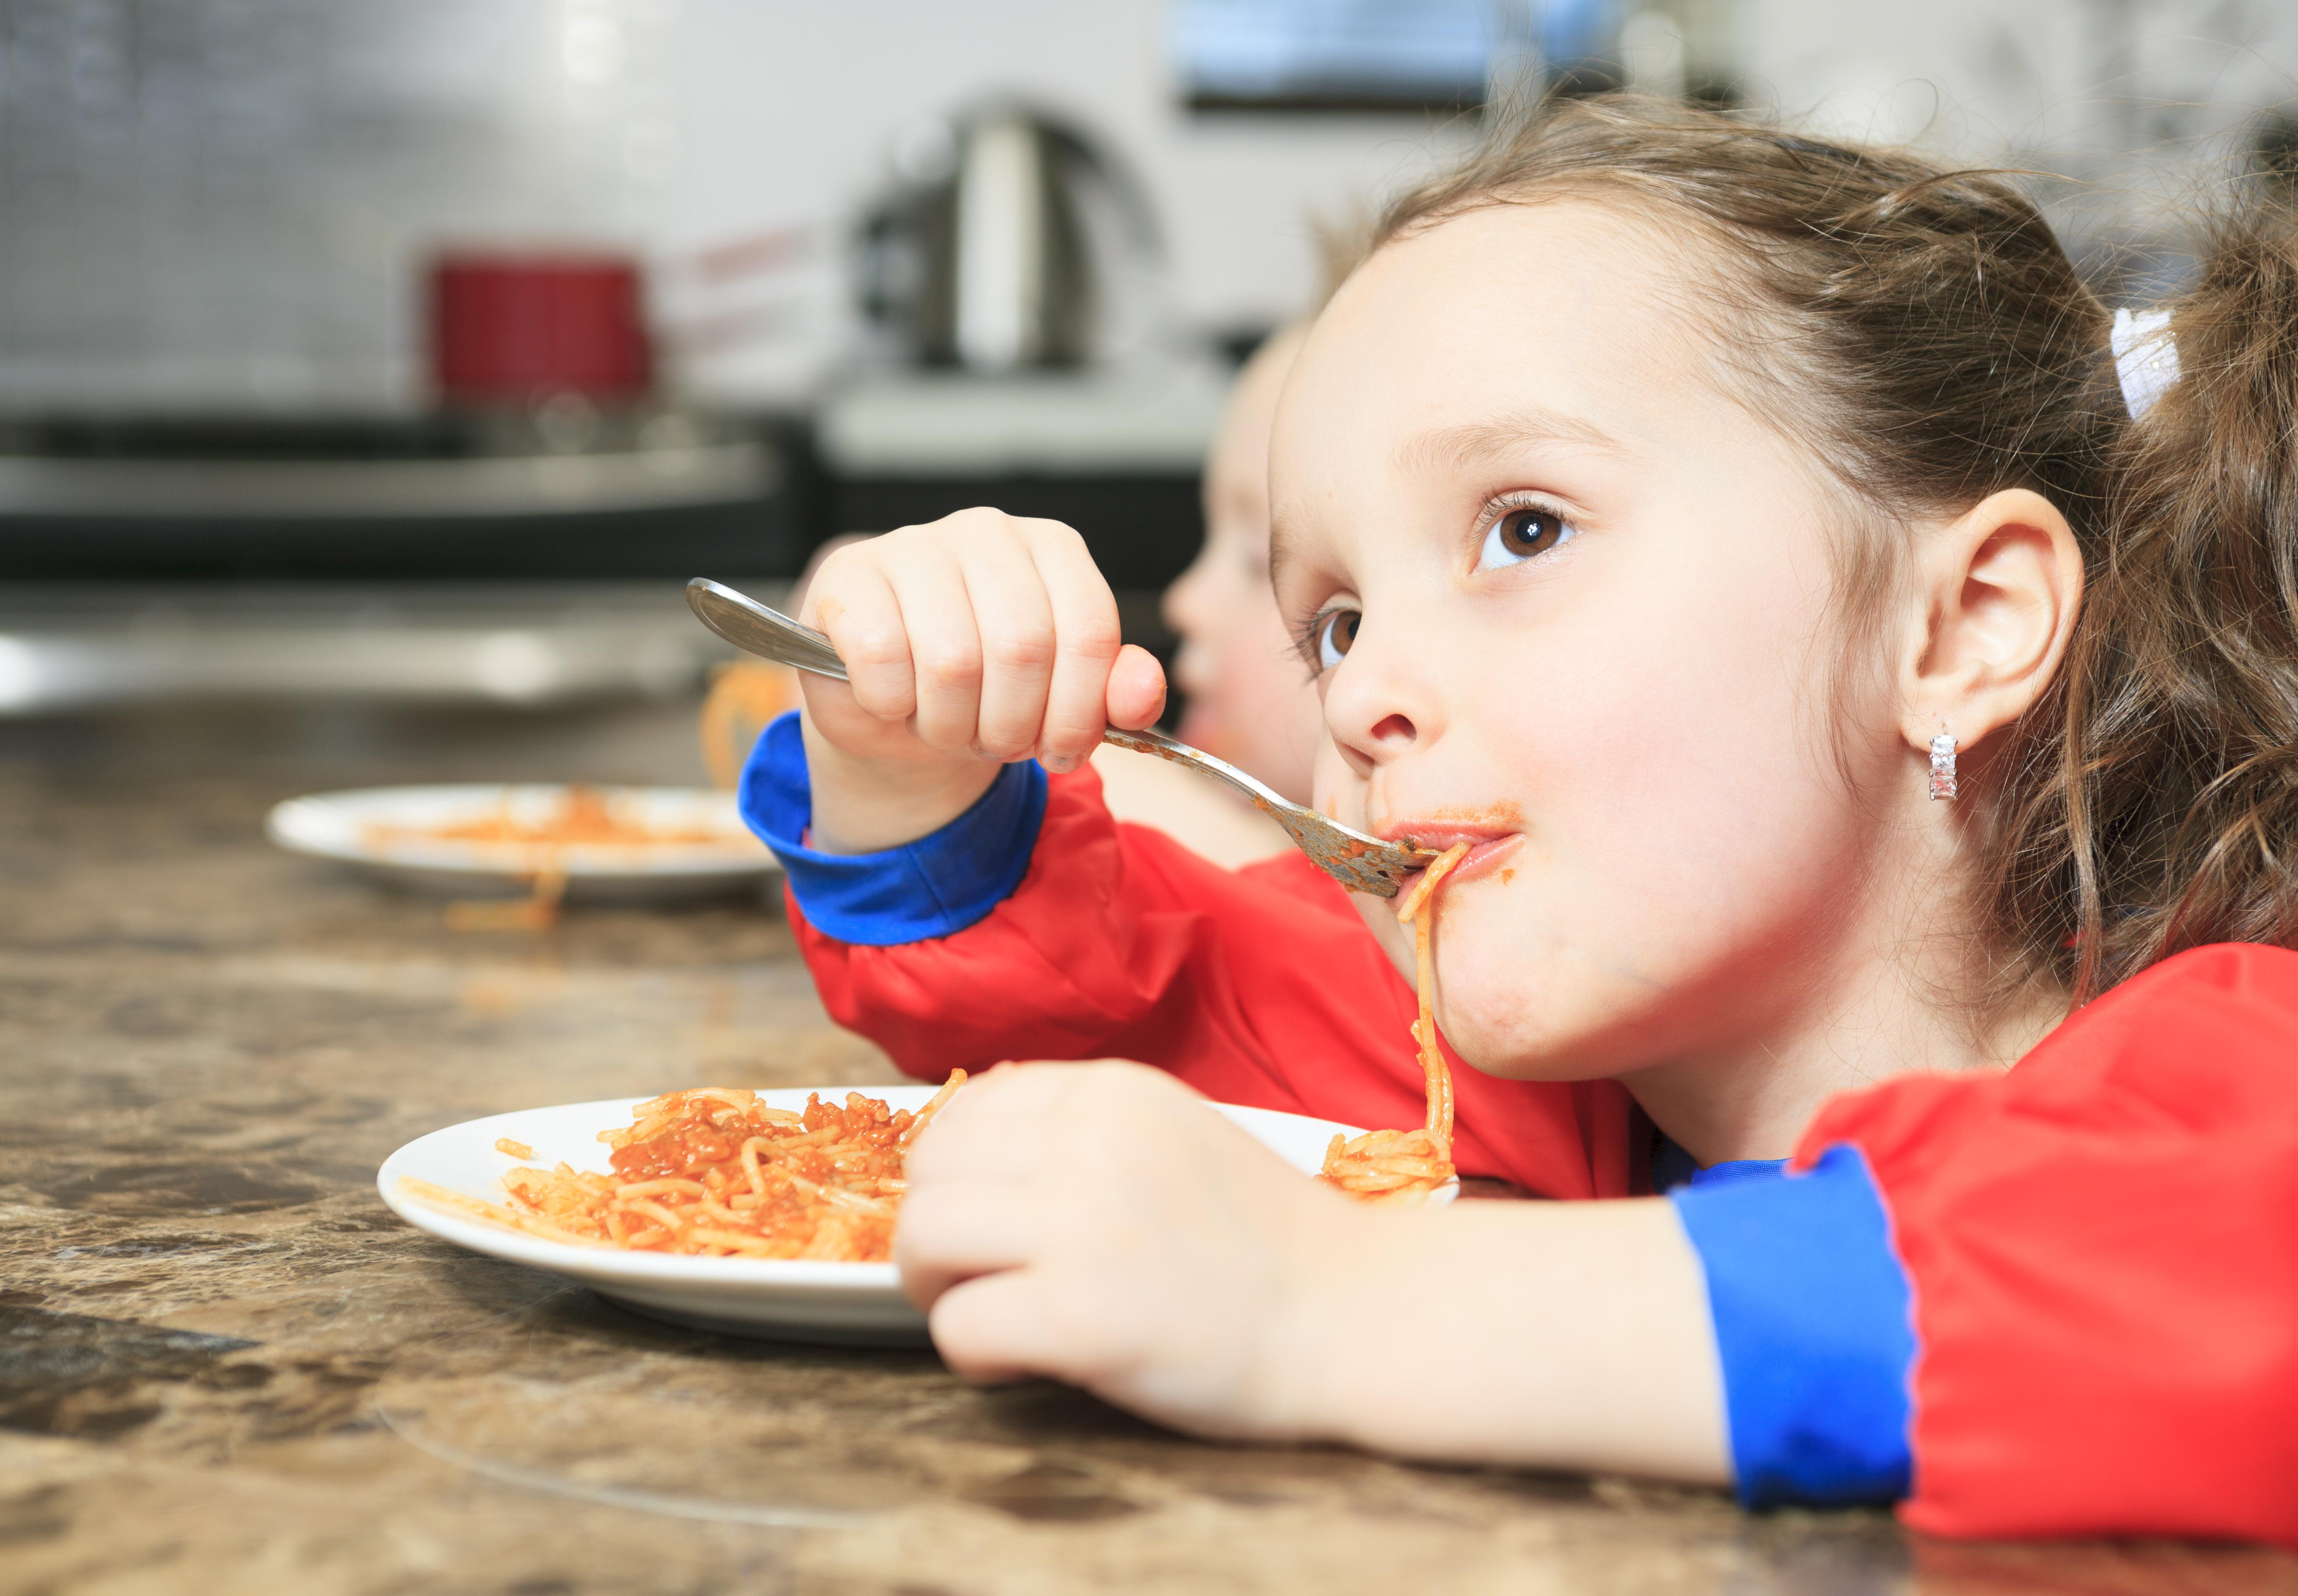 Allra mest bekymrar föräldrar sig över all sockerstinn och onyttig mat med olika tillsatser som barnen utsätts för och äter av.